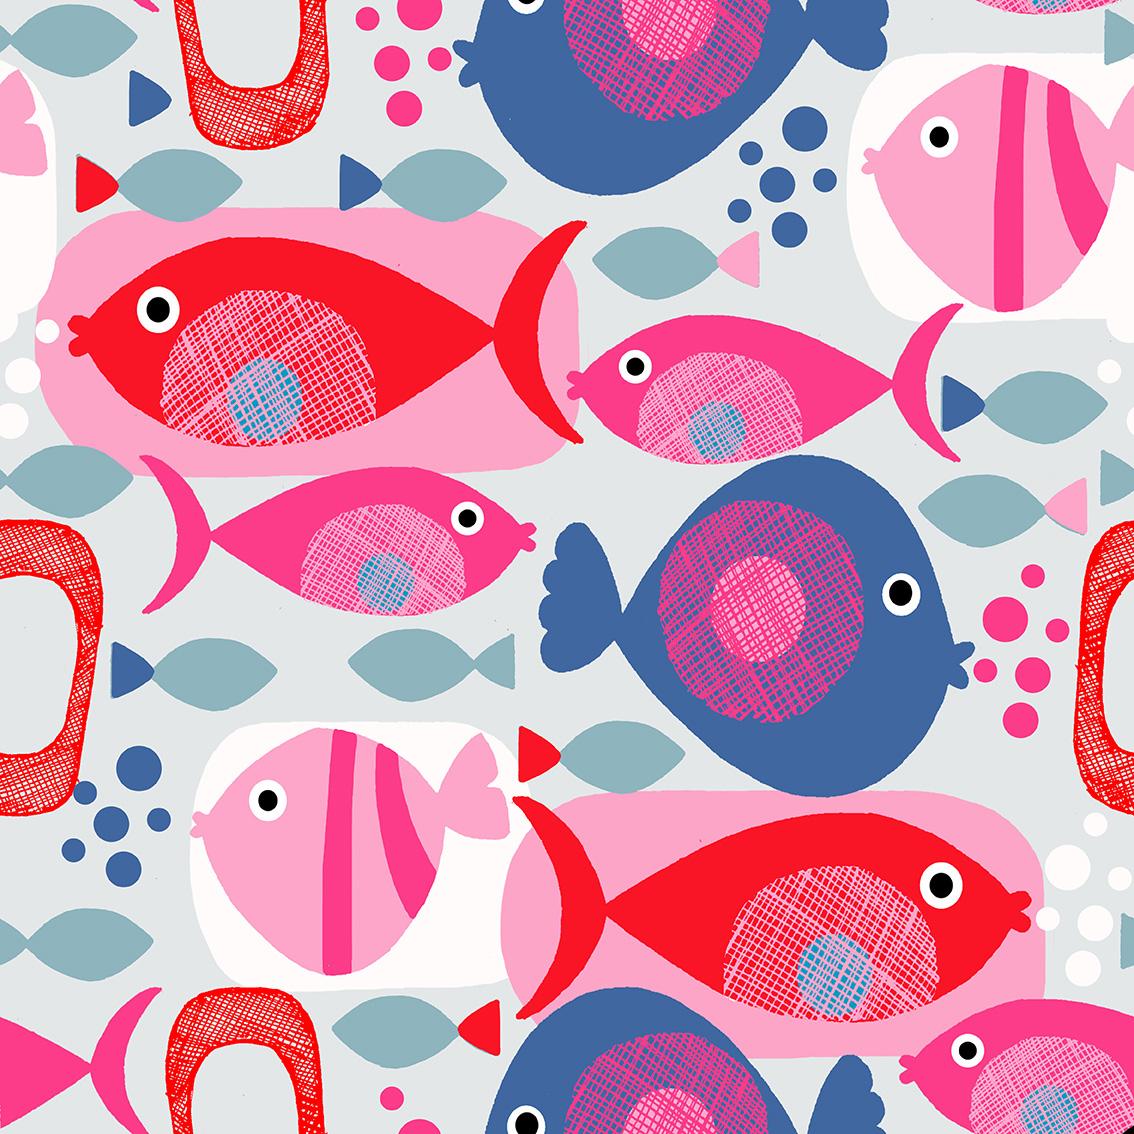 new fish file low res.jpg